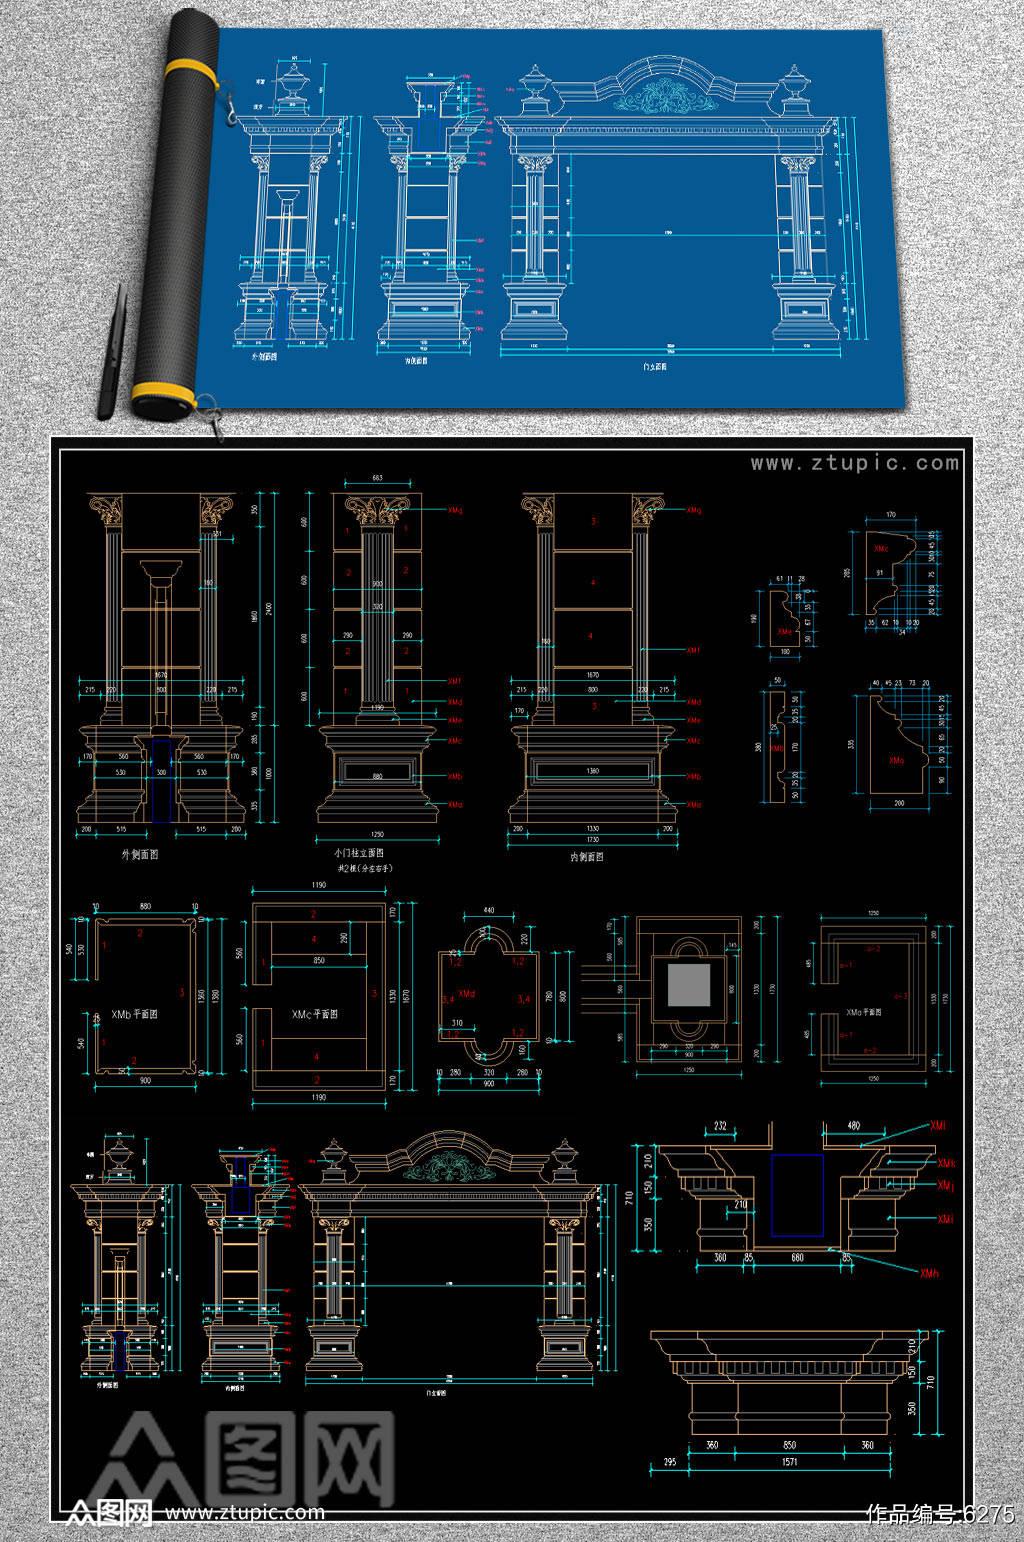 高大上门头CAD设计图素材